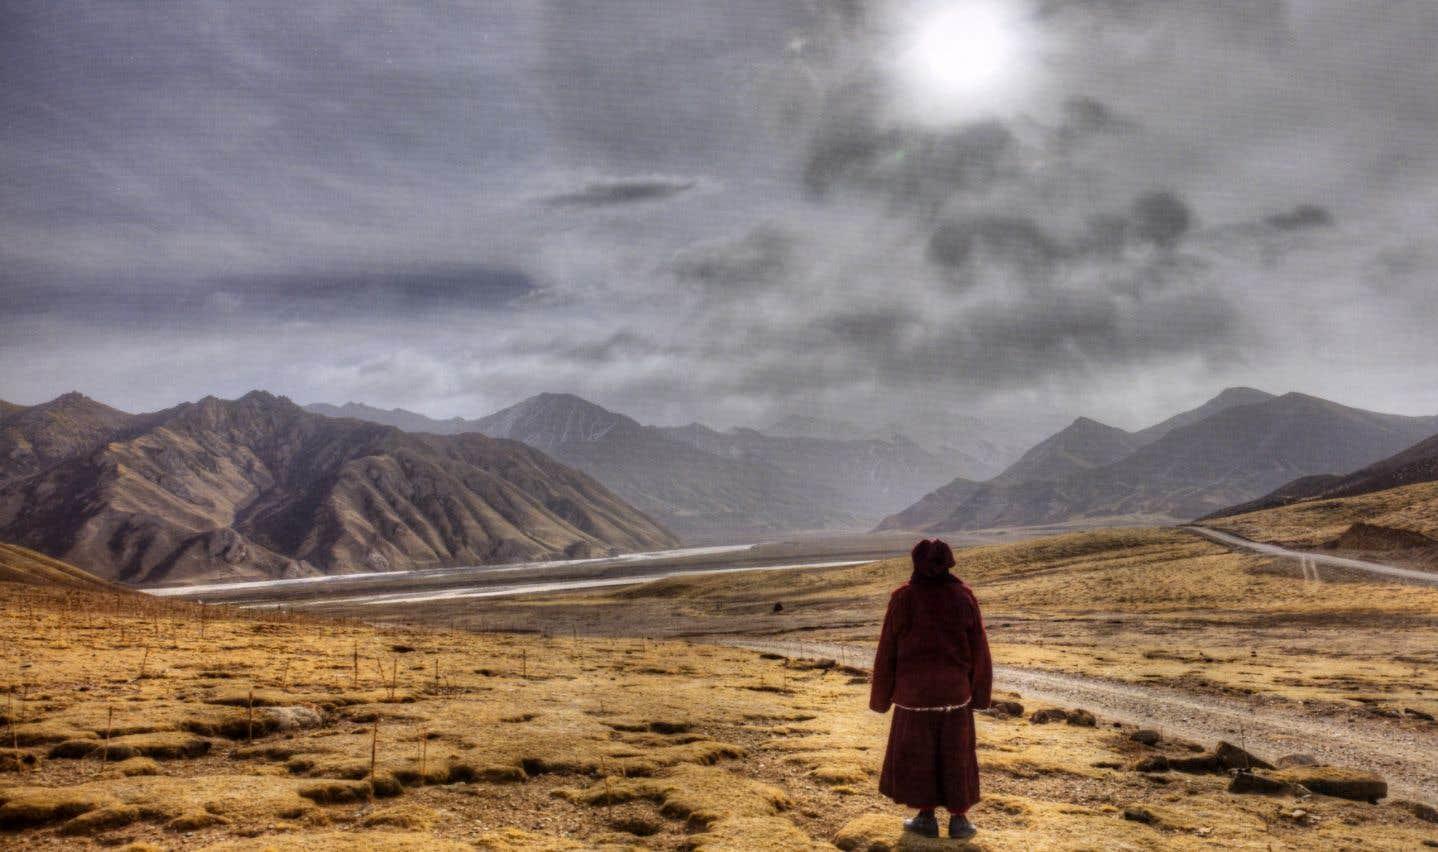 L'ouvrage «Un demi-siècle dans l'Himalaya» immortalise cinq décennies du moine bouddhiste et photographe en Inde, au Bhoutan, au Népal et au Tibet.  Ci-dessus, en plein hiver, un moine contemple l'Amnyé Matchèn.